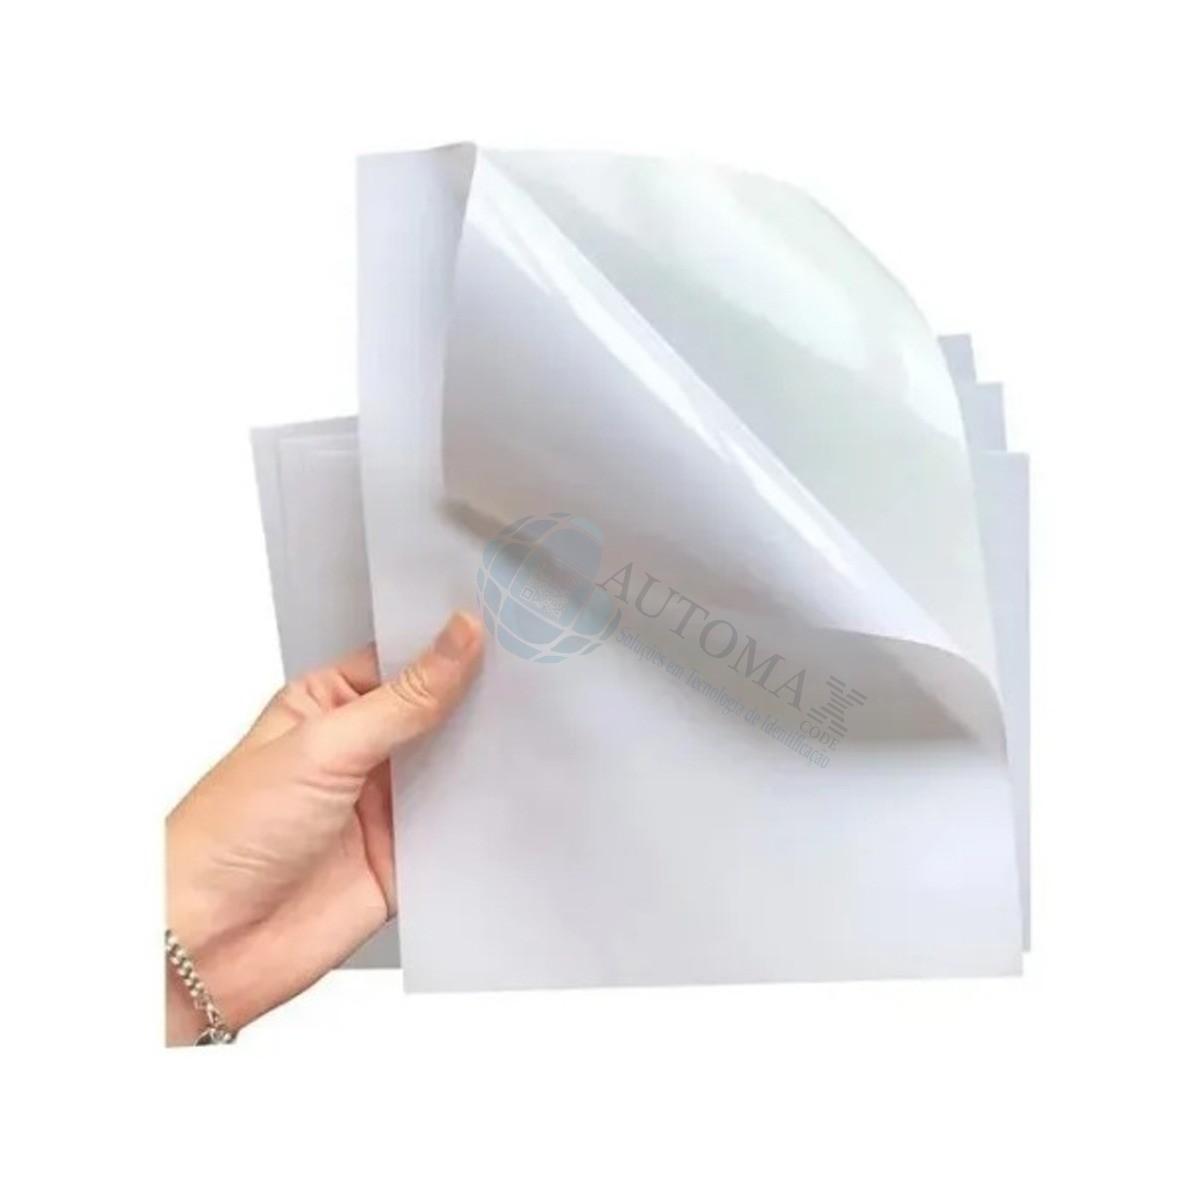 Etiqueta Mercado Envios Correios 250 Folhas Adesivas A4